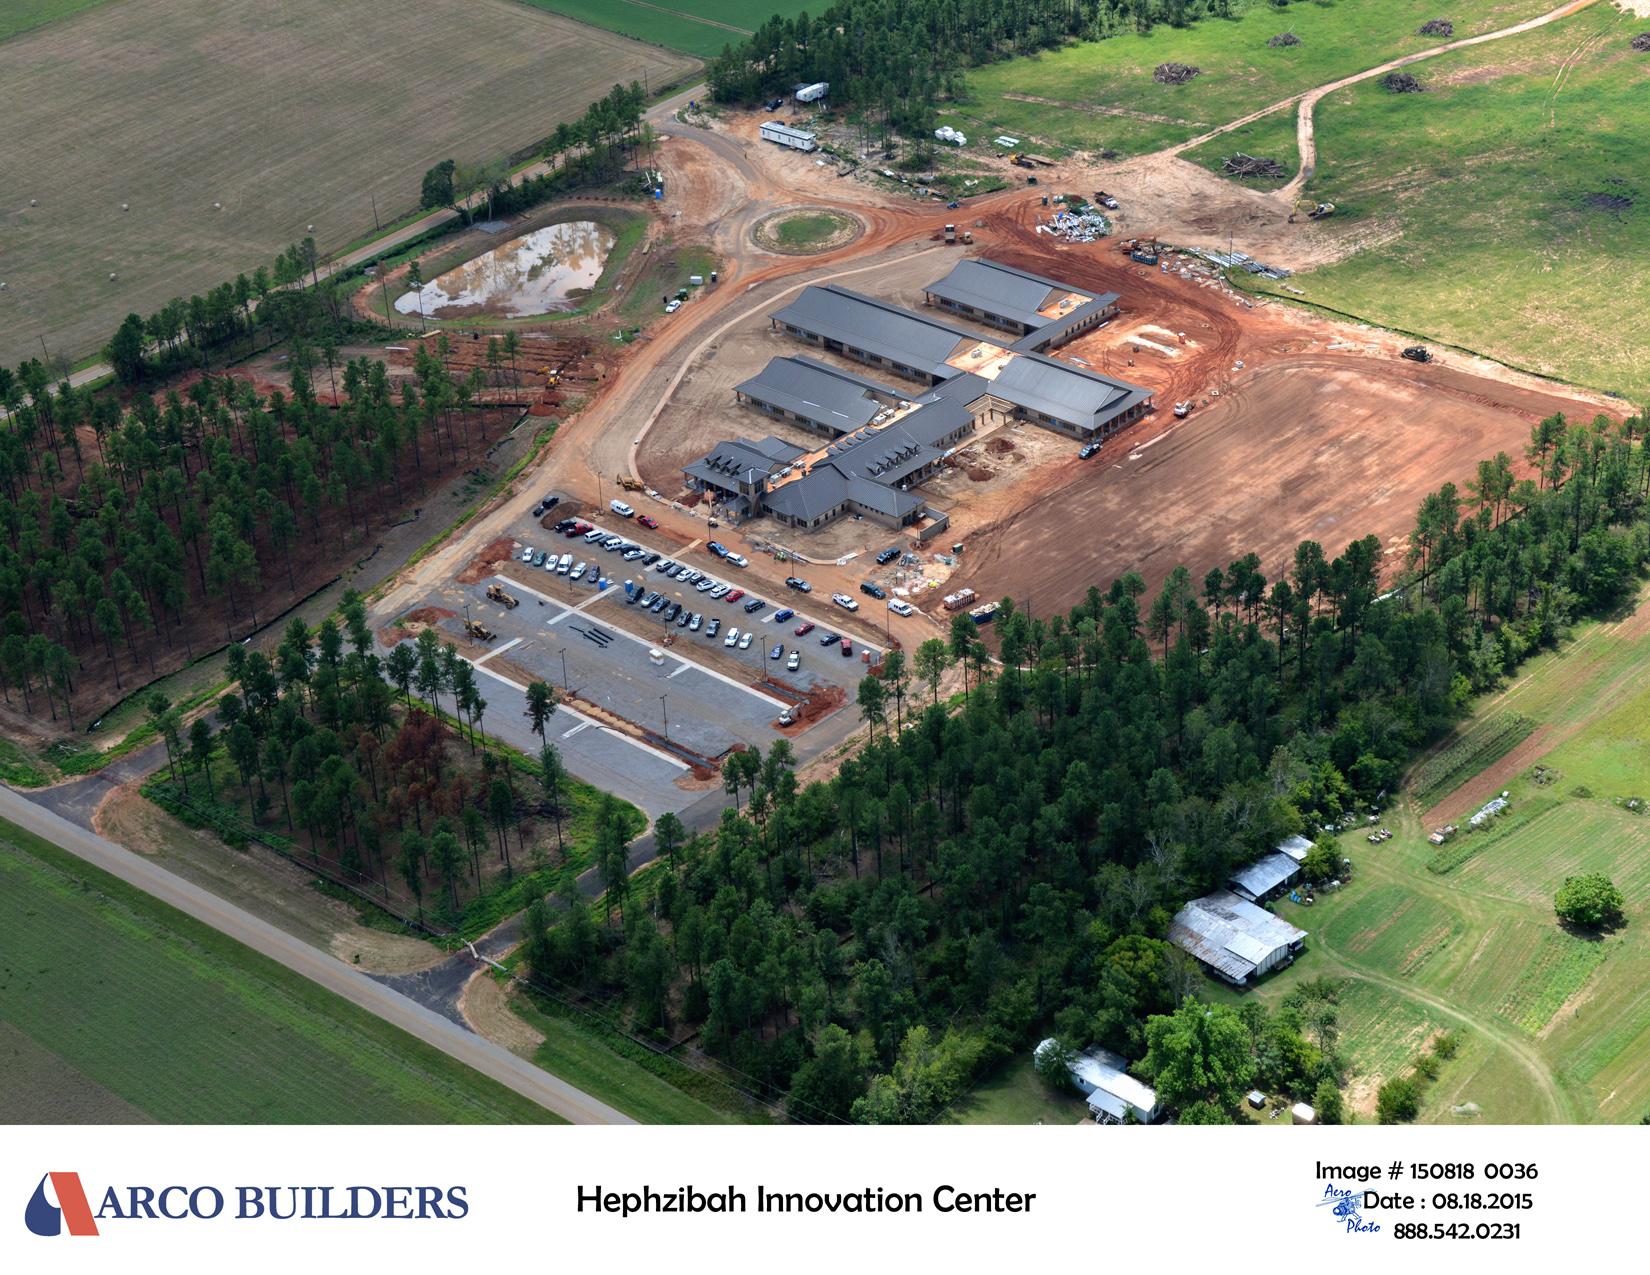 Hephzibah Innovation 1508180036